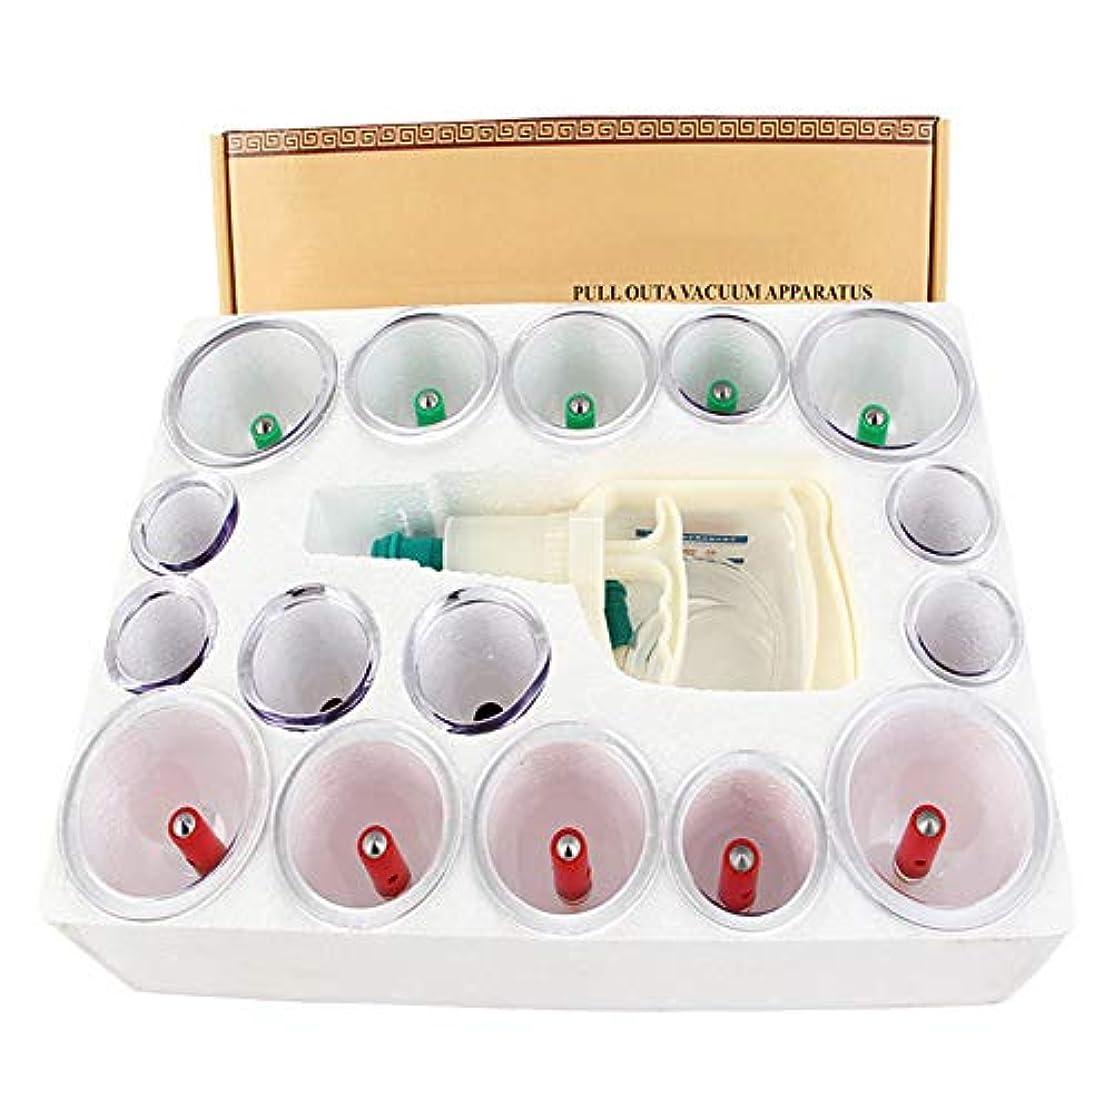 ナラーバー爆発物ジュニア16カップカッピングセットプラスチック、カッピングバキュームプロフェッショナルサクションバイオマグネティック、在宅医療、バキュームマグネティックポンプ付き、女性と男性用、ストレスと筋肉の緩和